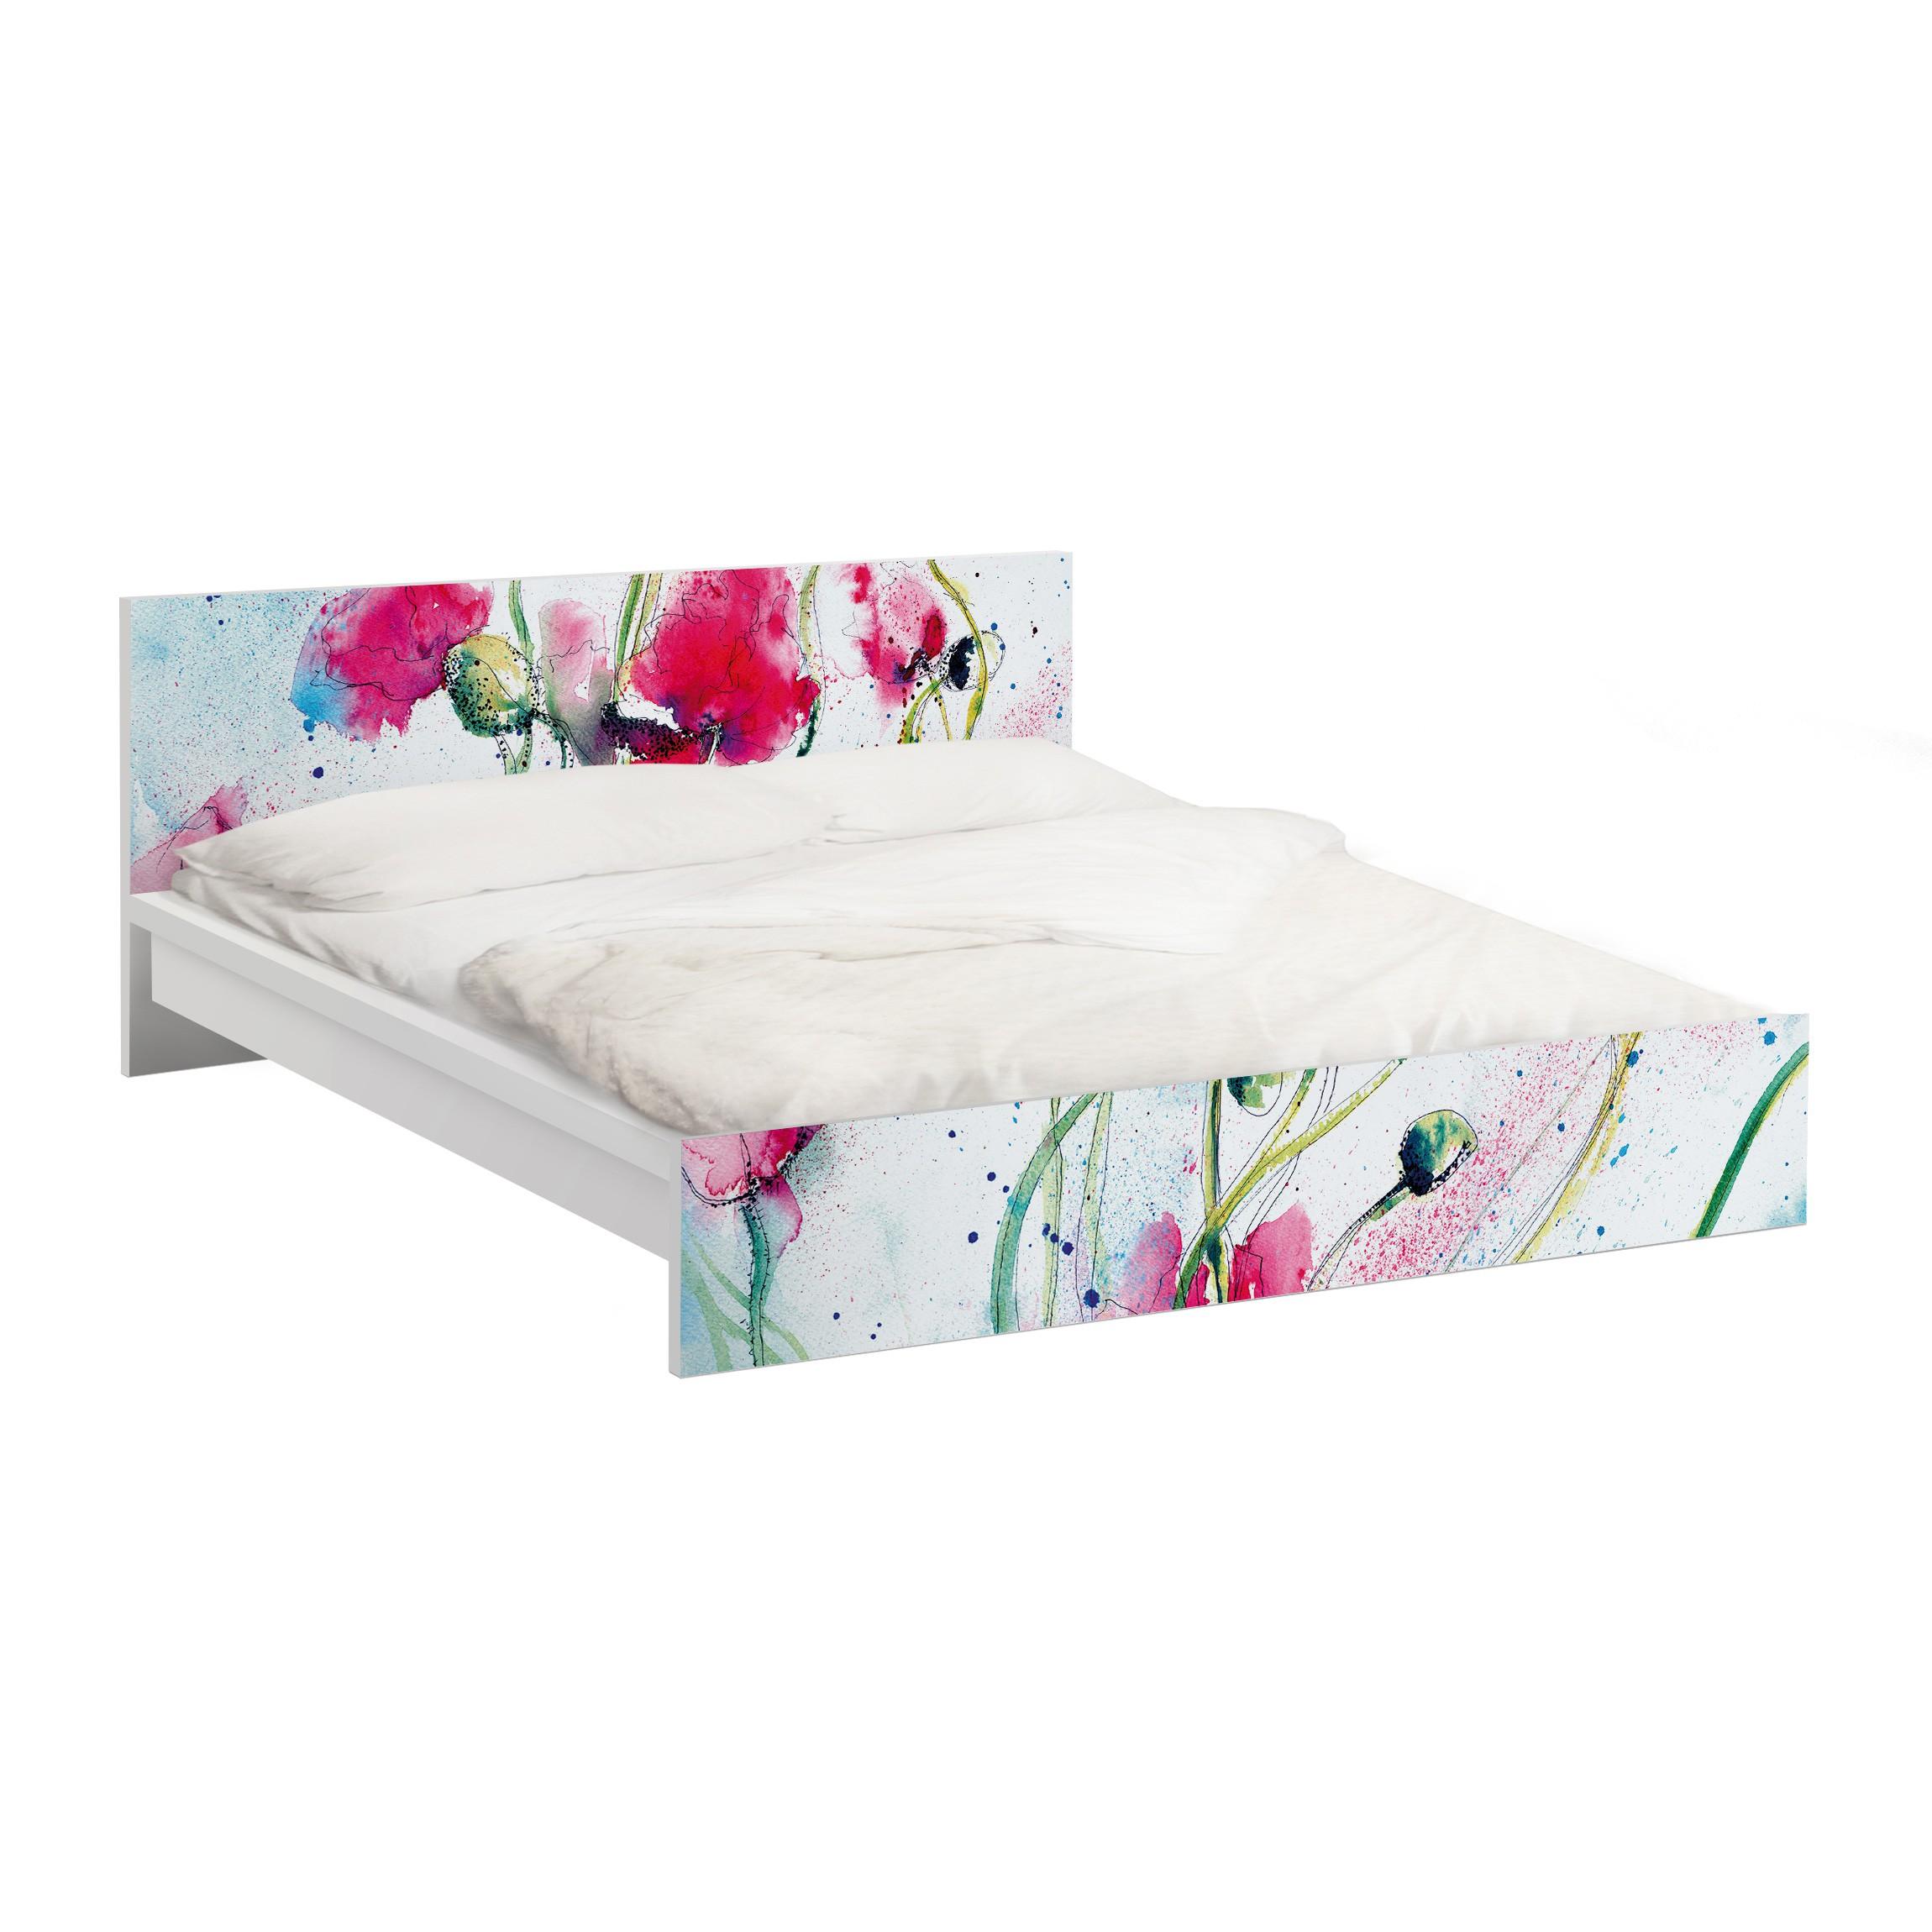 Carta adesiva per mobili ikea malm letto basso 160x200cm painted poppies - Pellicola adesiva per mobili ikea ...